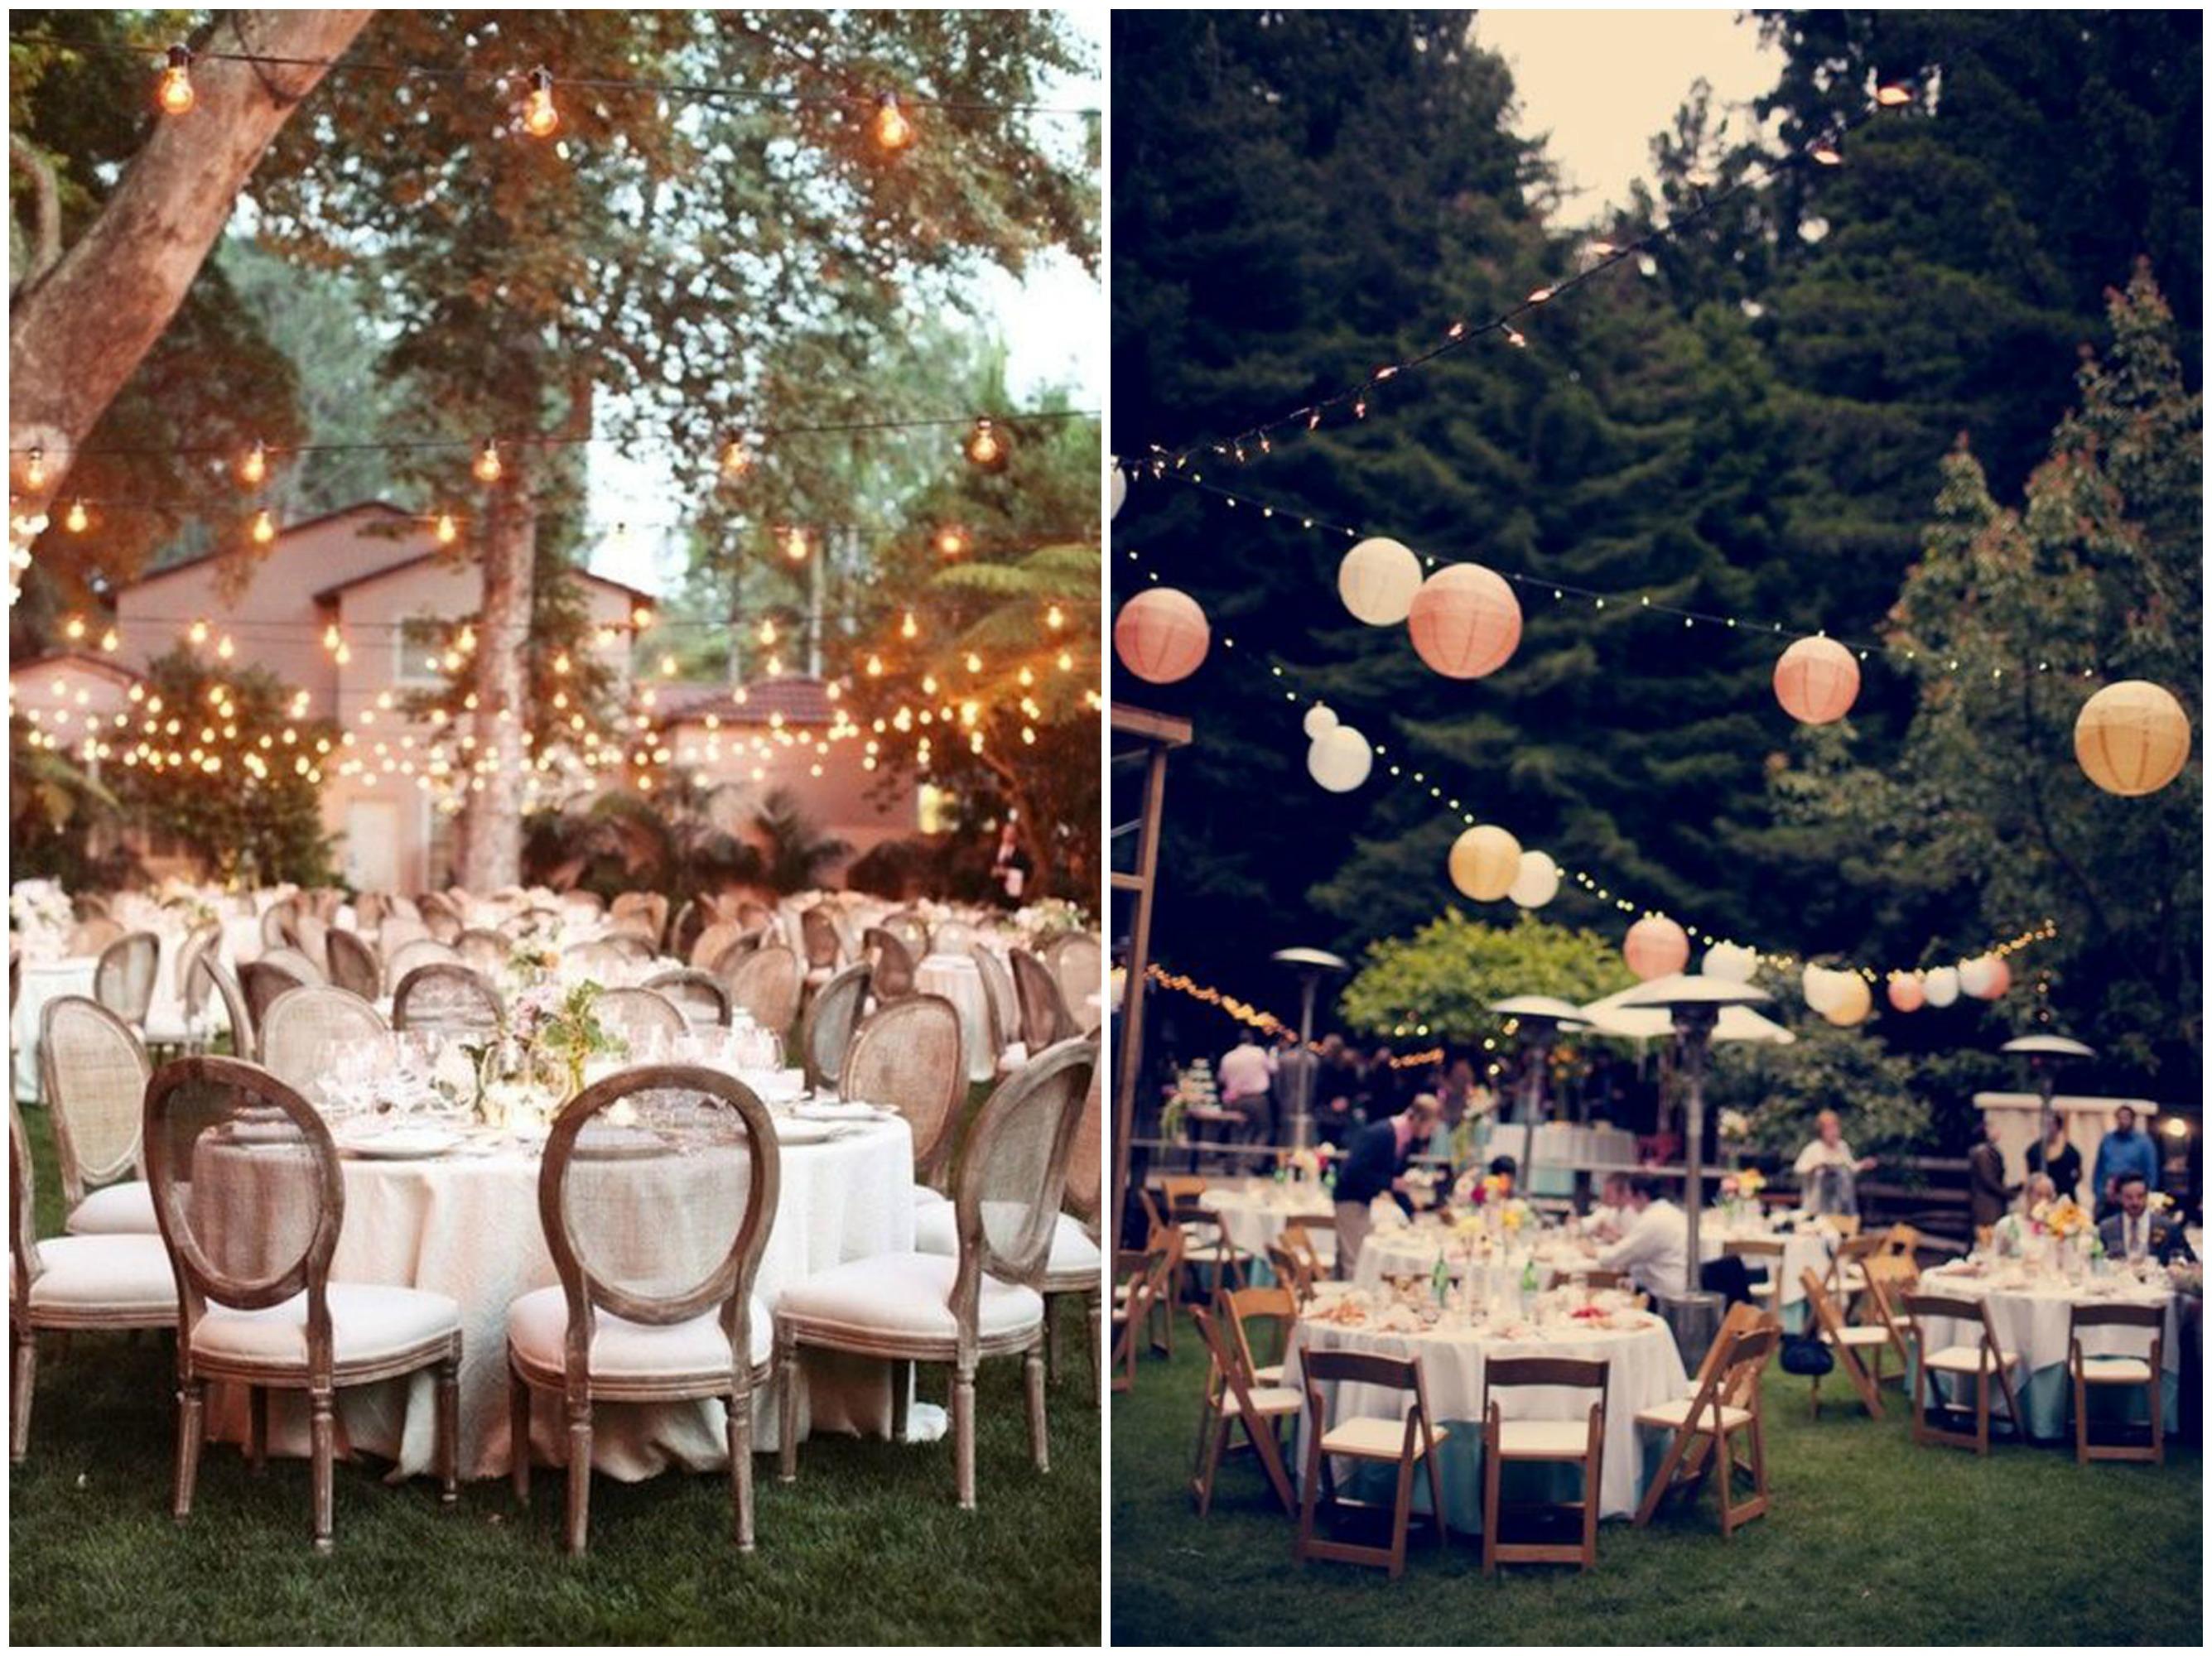 Decoraci n de mesas para una boda al aire libre en el for Fotos de mesas de bodas